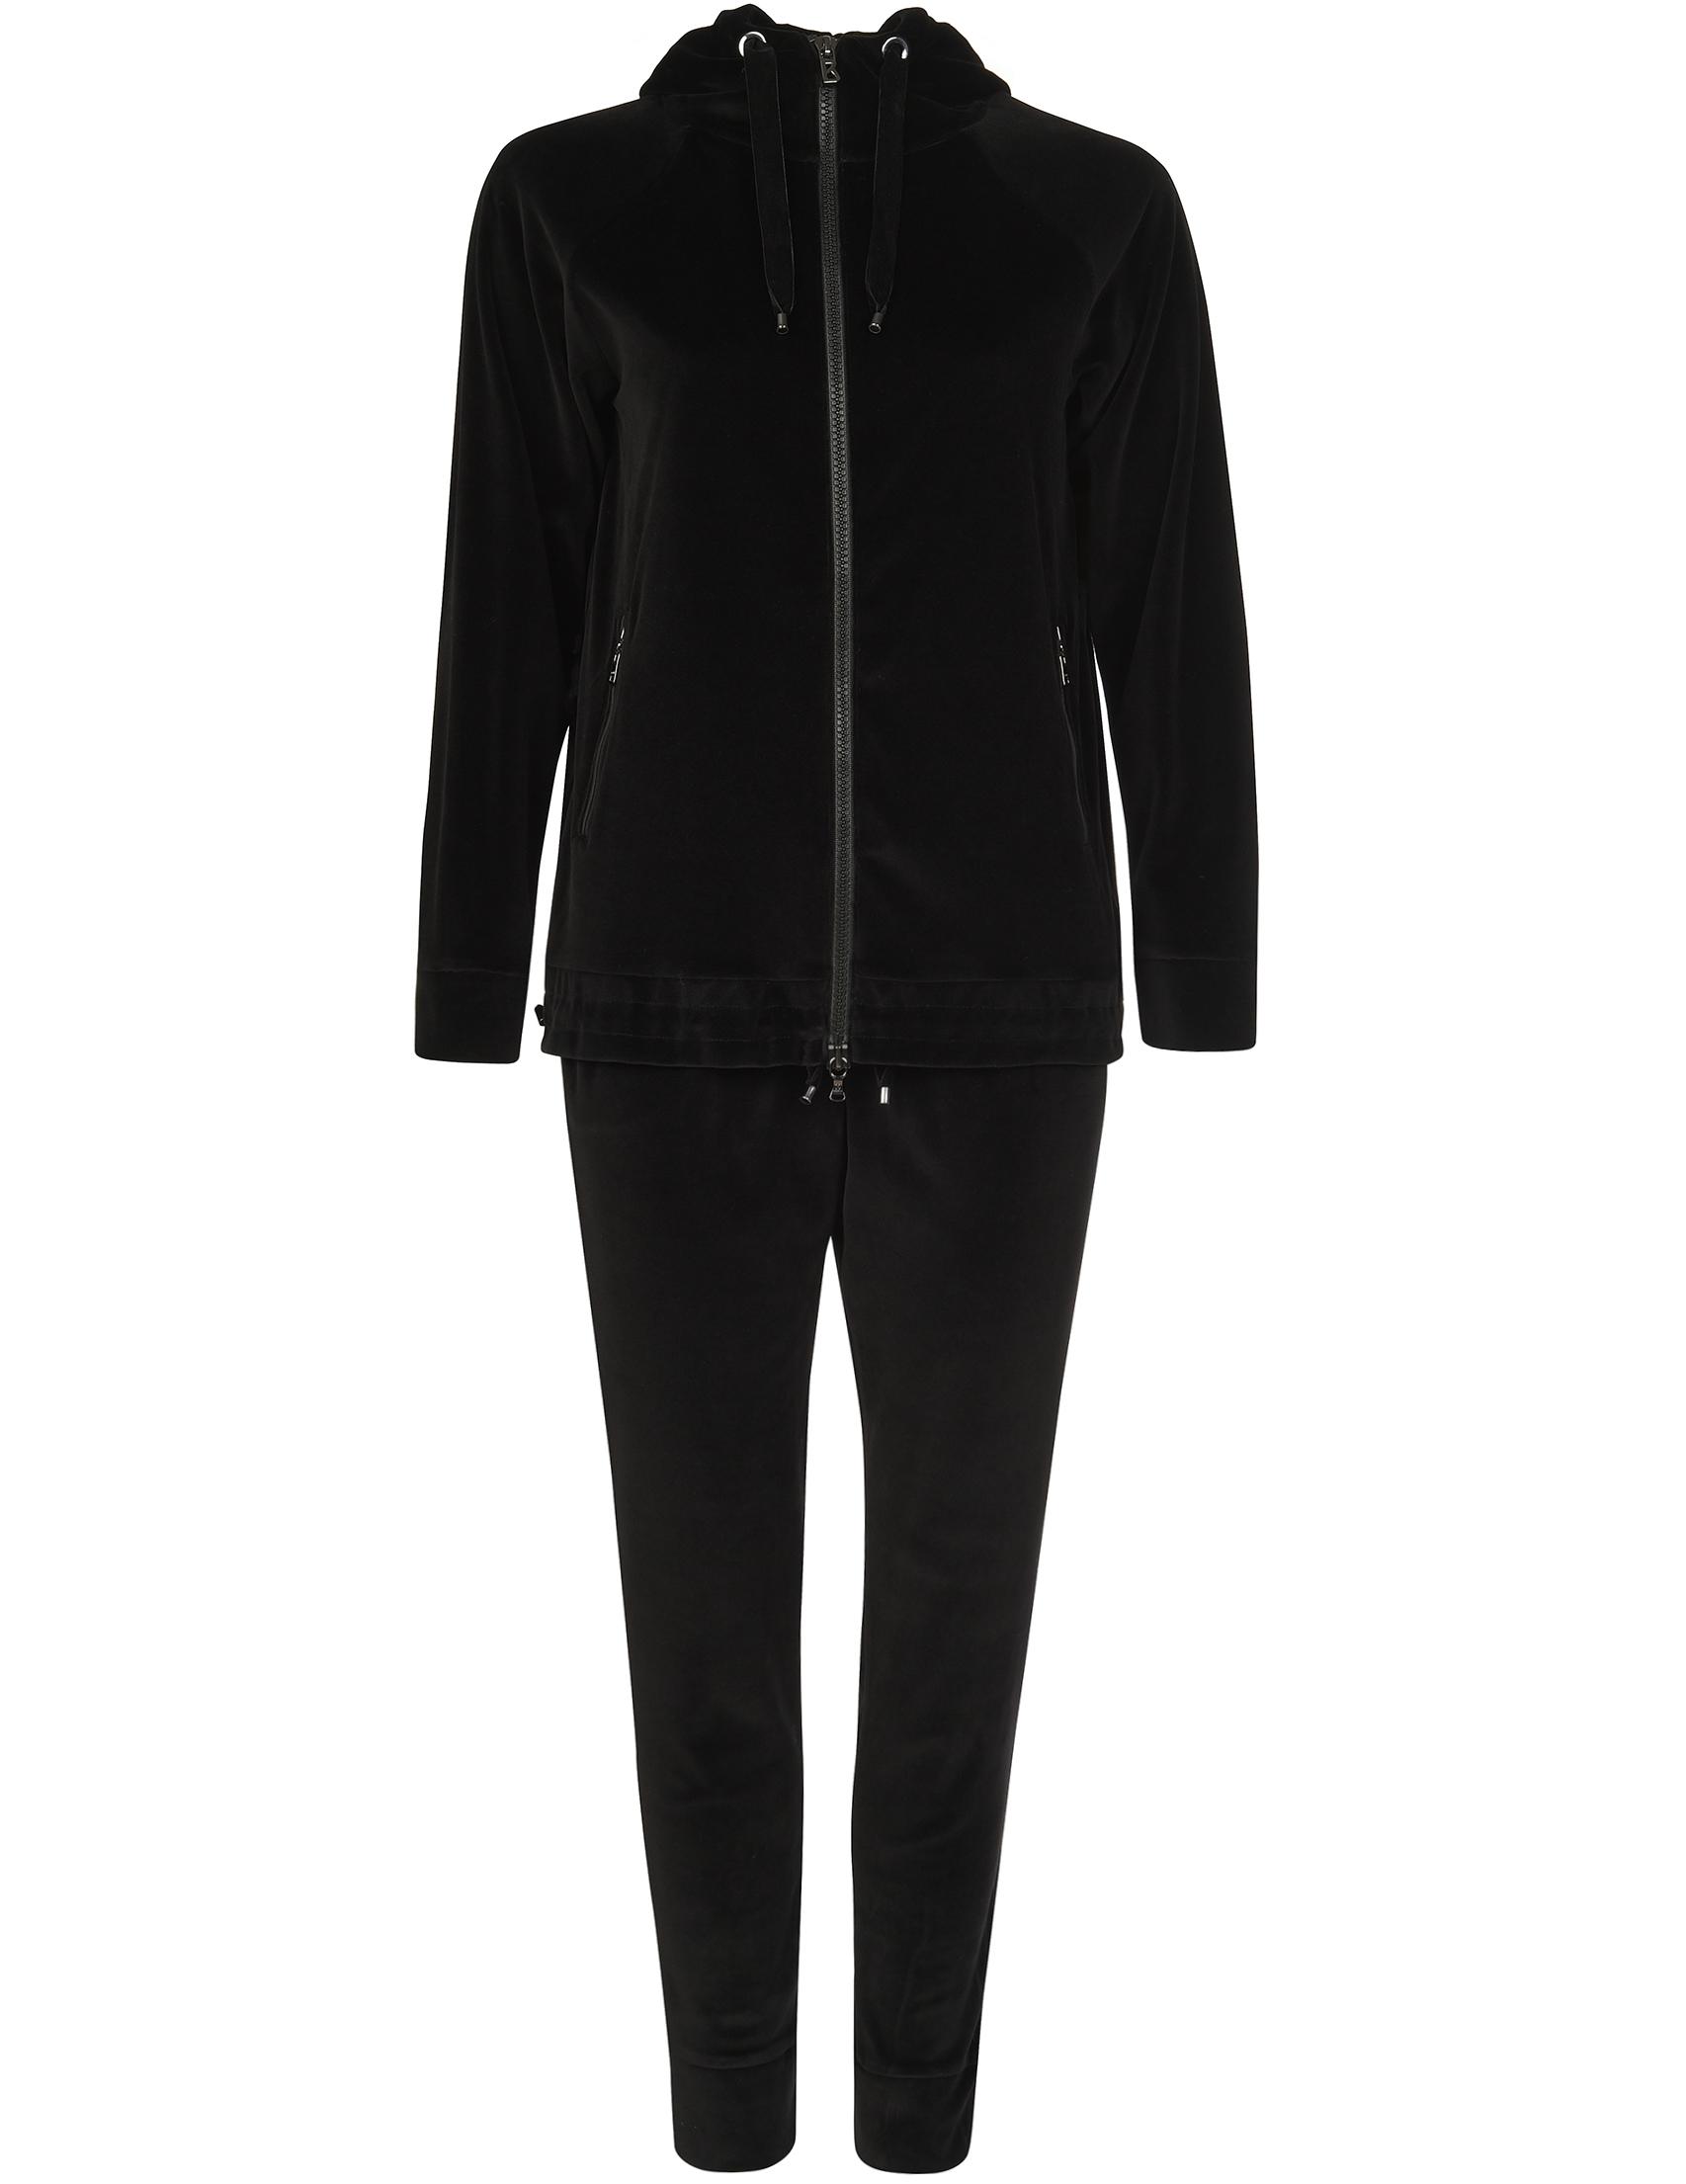 Купить Спортивный костюм, BOGNER, Черный, 80%Хлопок 20%Полиэстер;100%Полиэстер, Осень-Зима